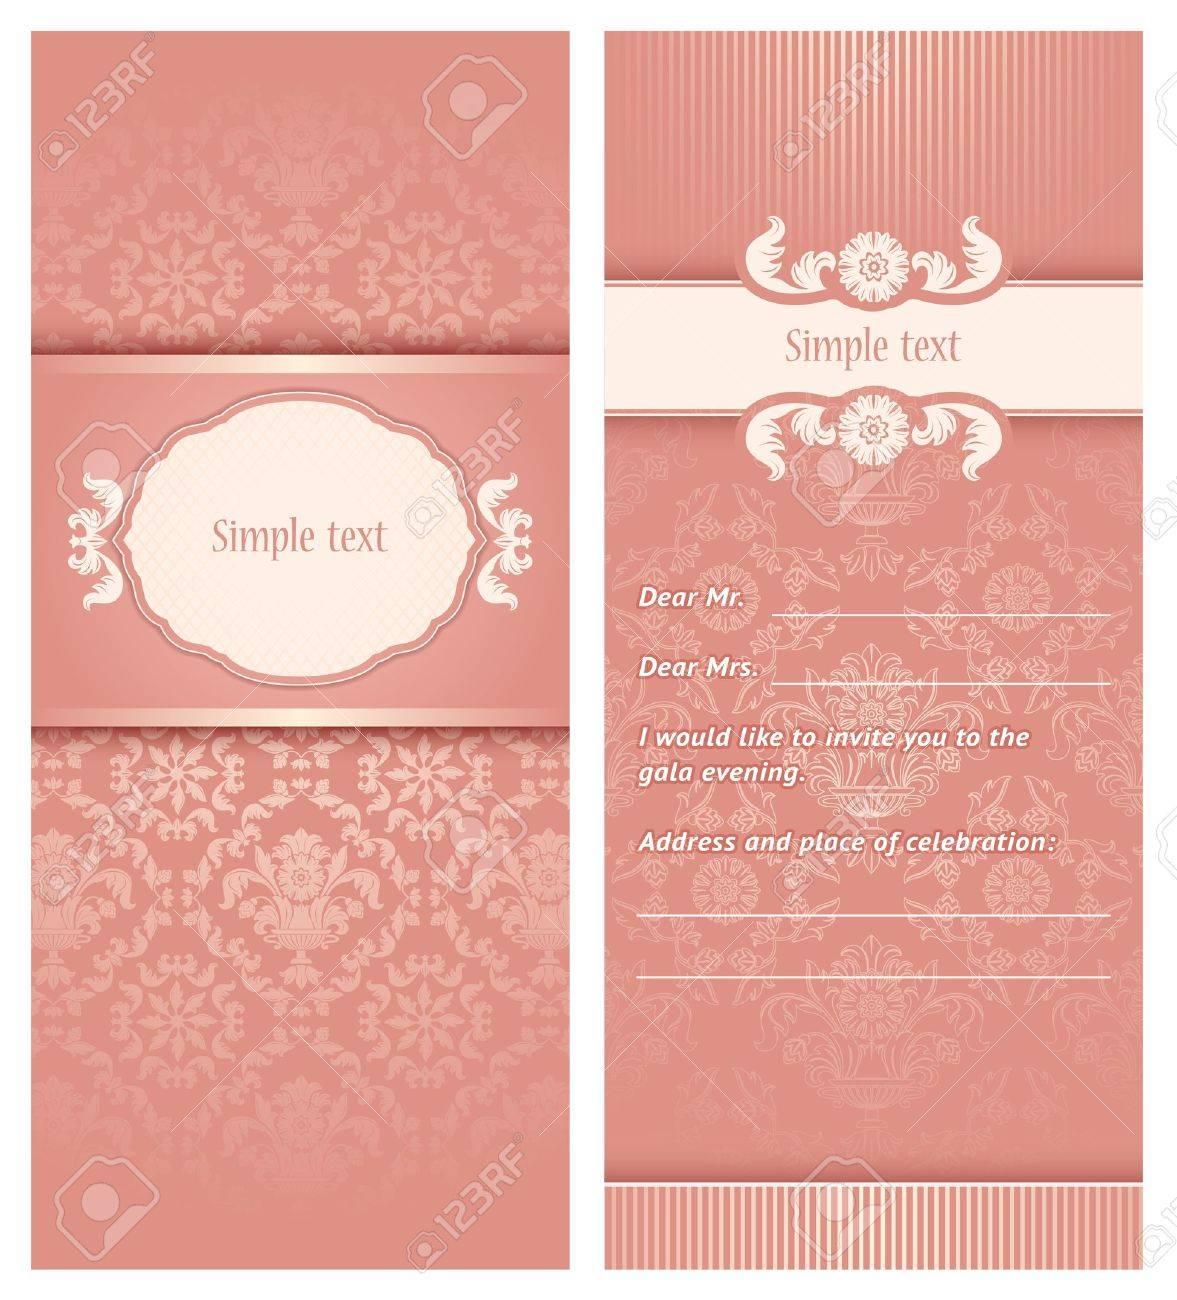 Invitation template Stock Vector - 18548978